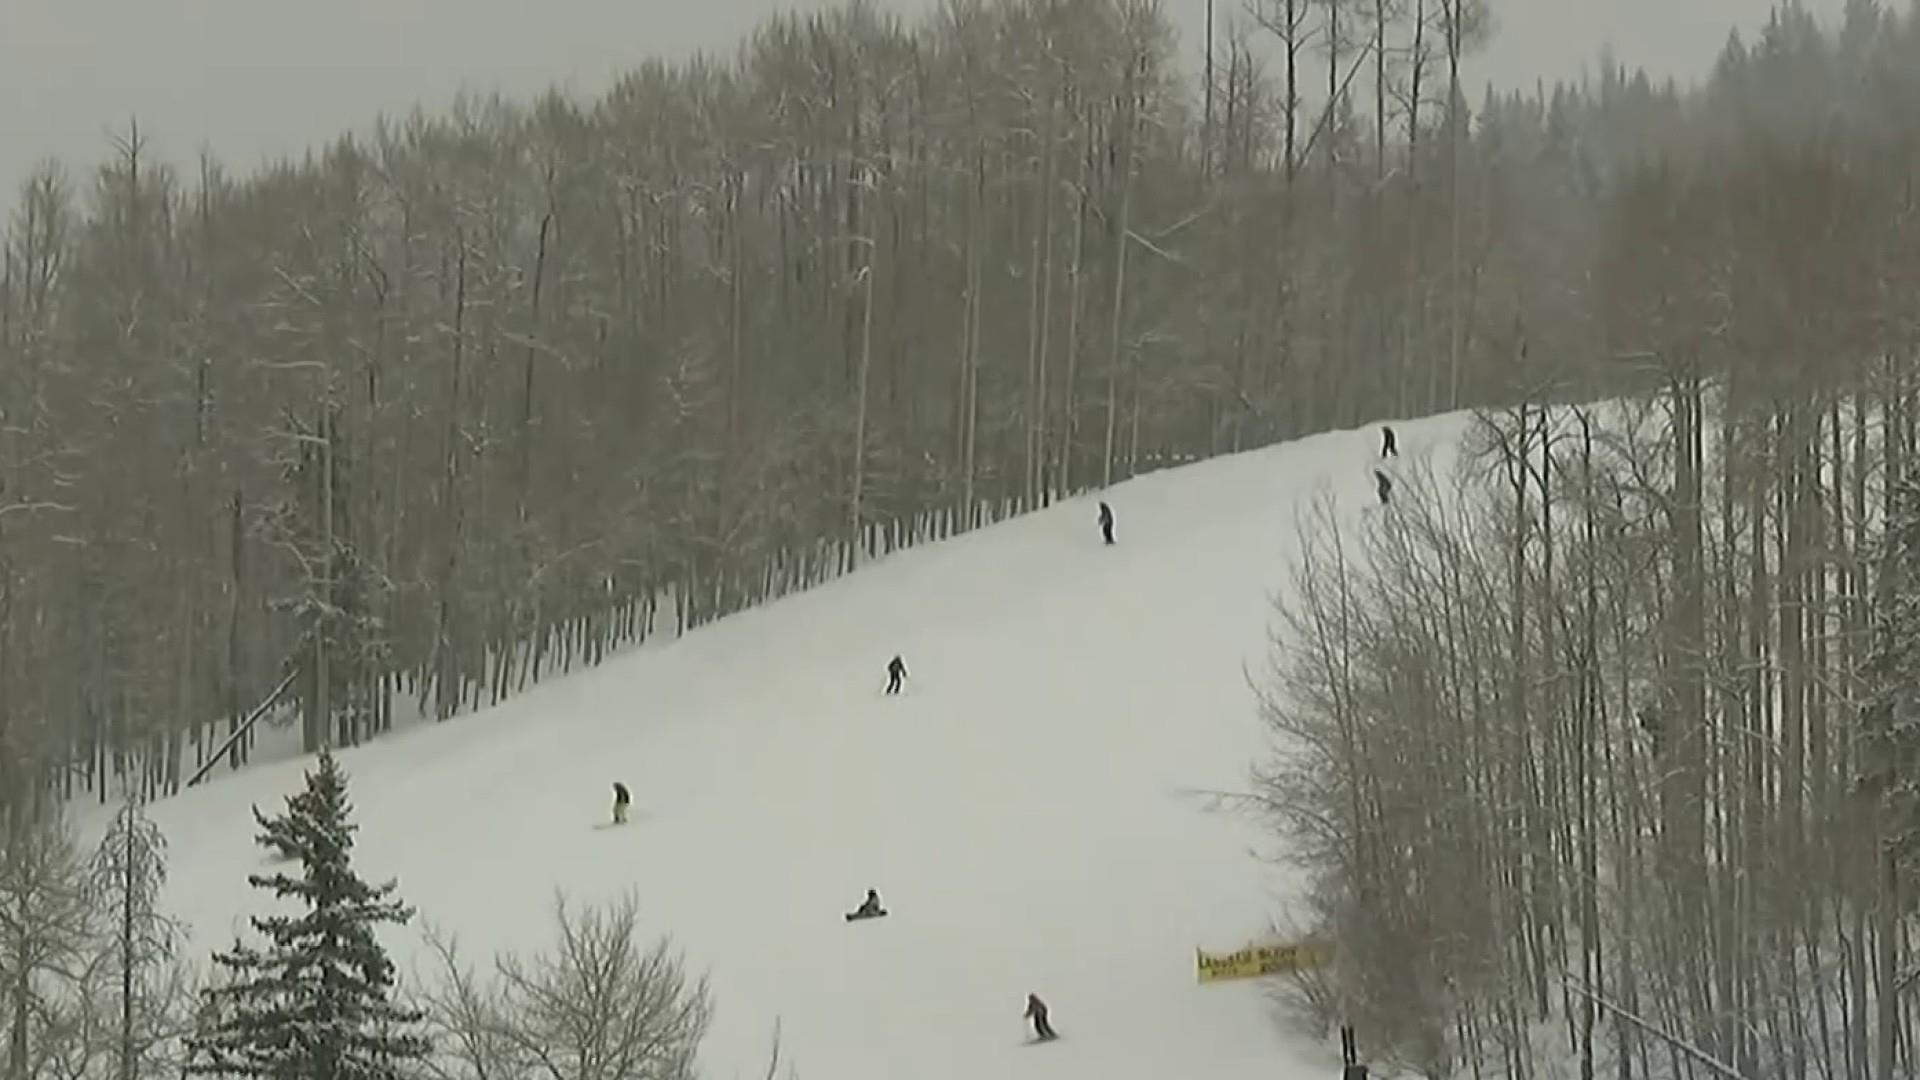 Avalanche kills 2 snowmobilers in Colorado